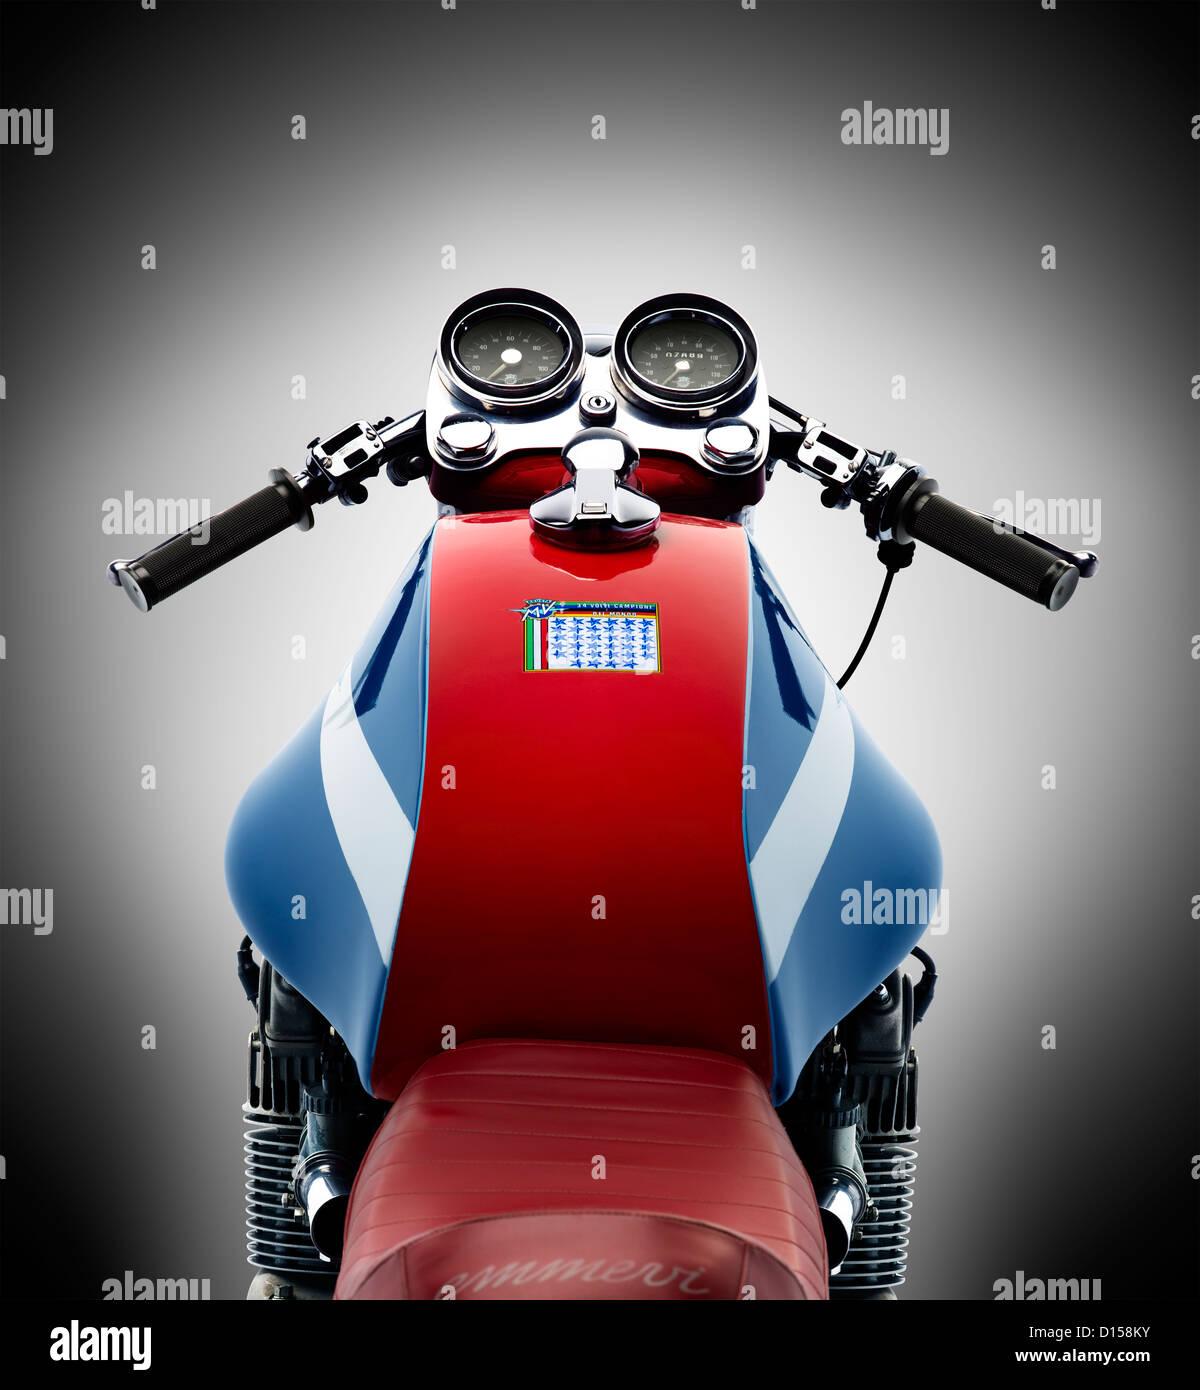 MV Agusta Motorrad isoliert auf weißem Hintergrund Stockbild